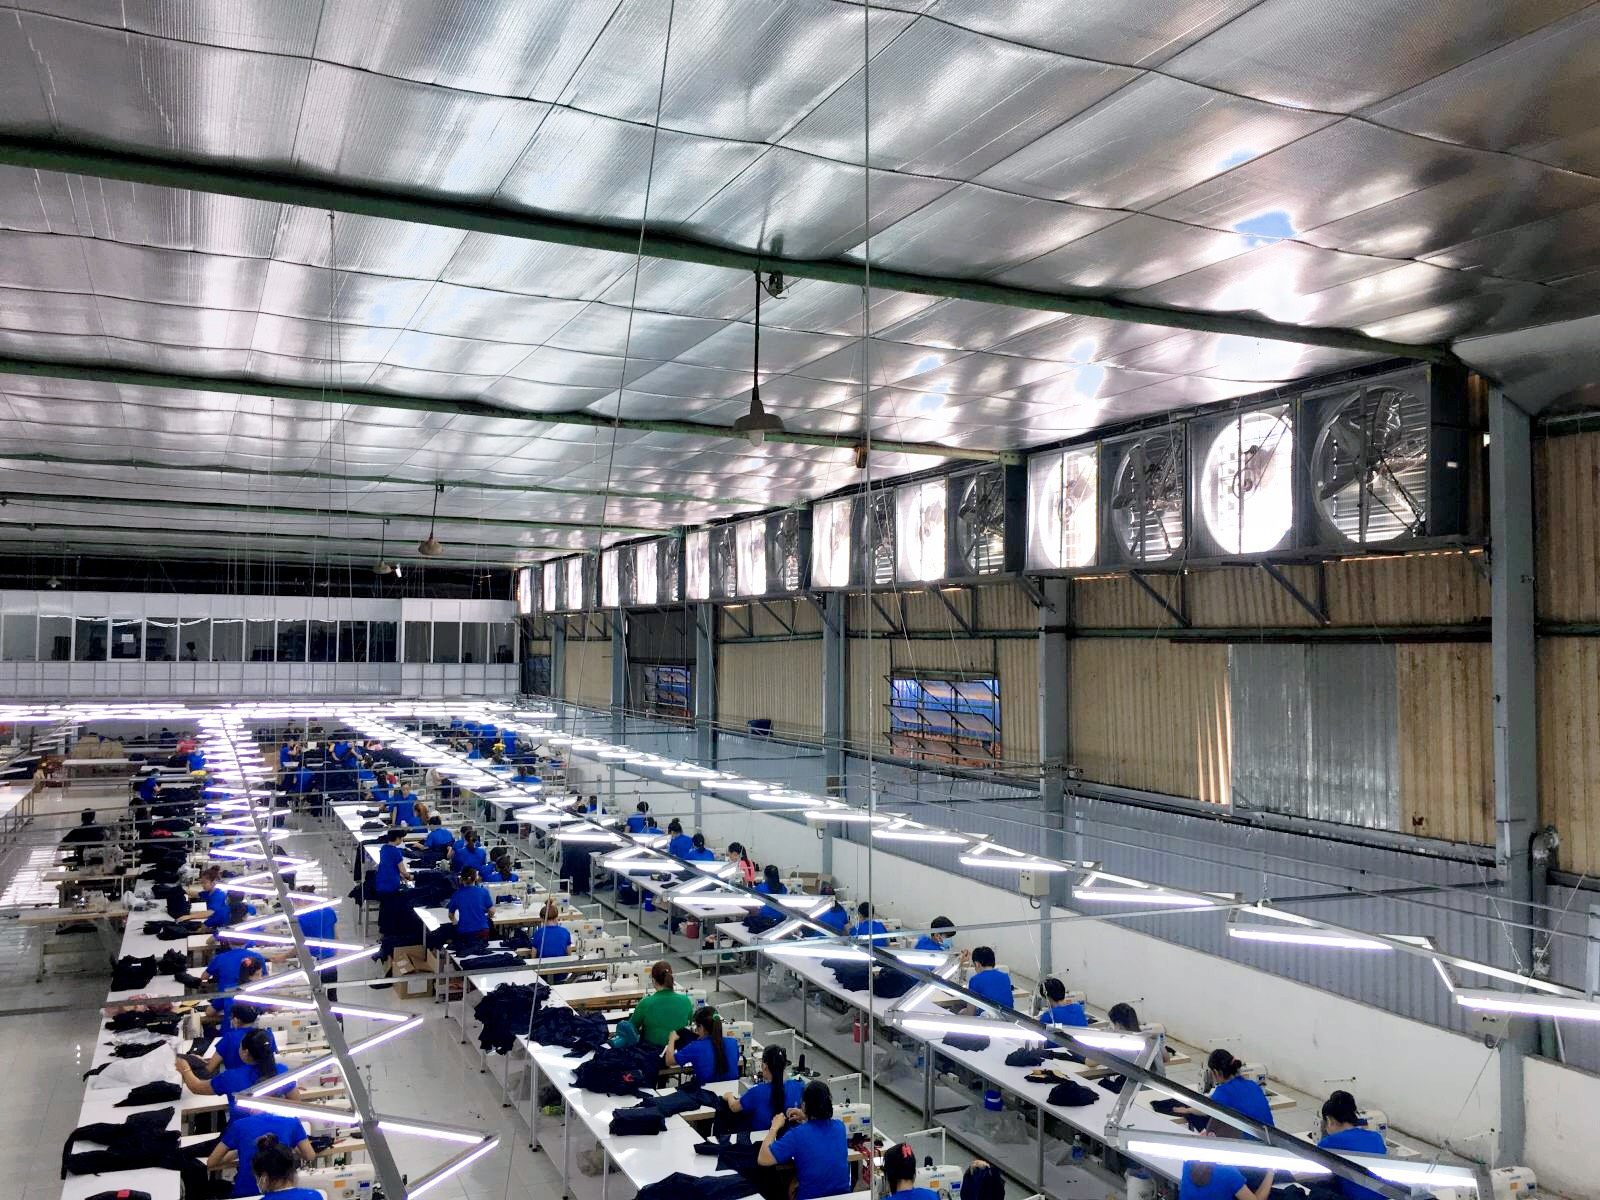 Thông gió công nghiệp là điều kiện cần thiết để nhà xưởng vận hành hiệu quả